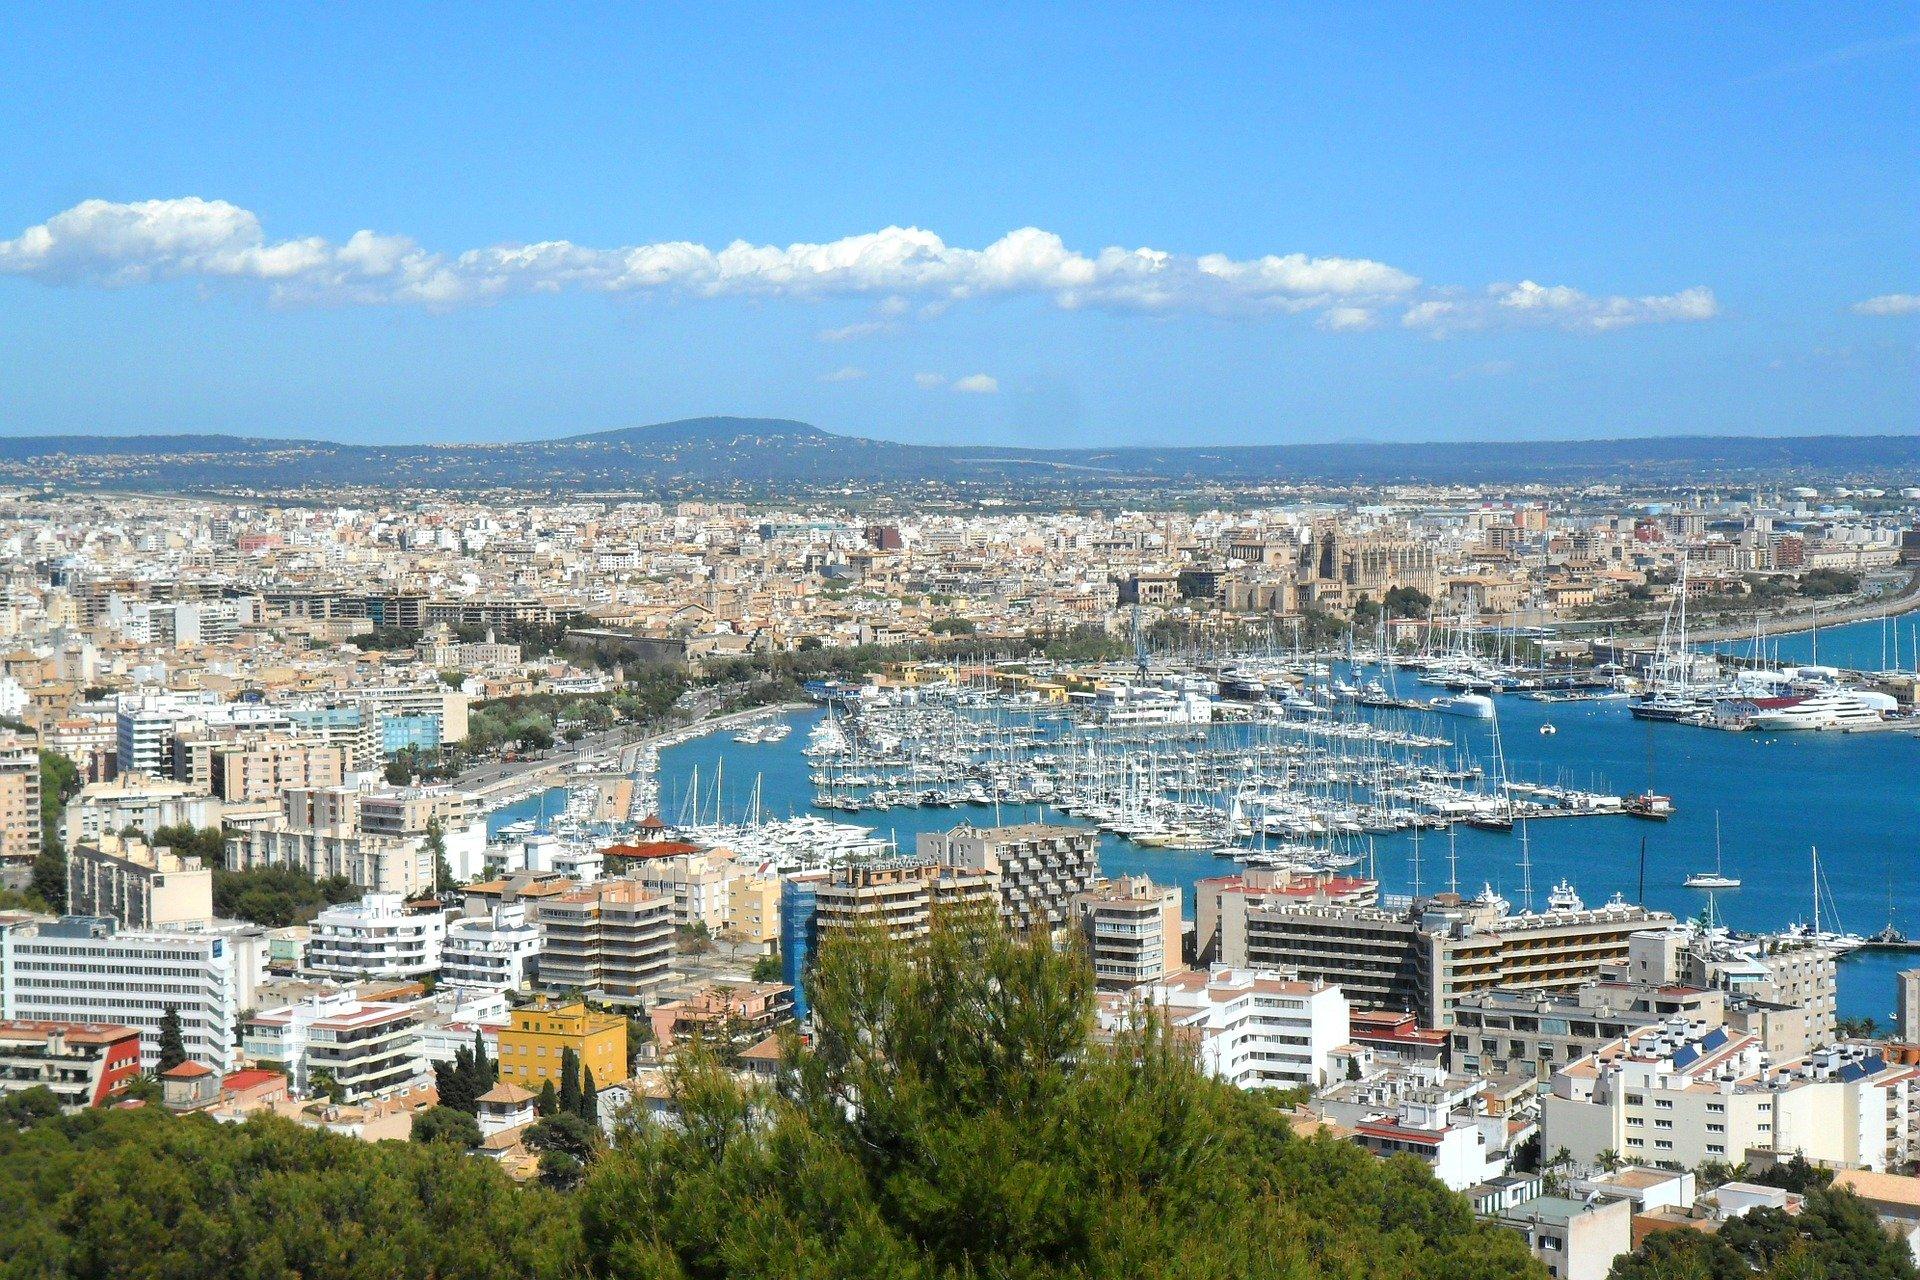 comprar vivienda Mallorca- mejores zonas para vivir en Palma